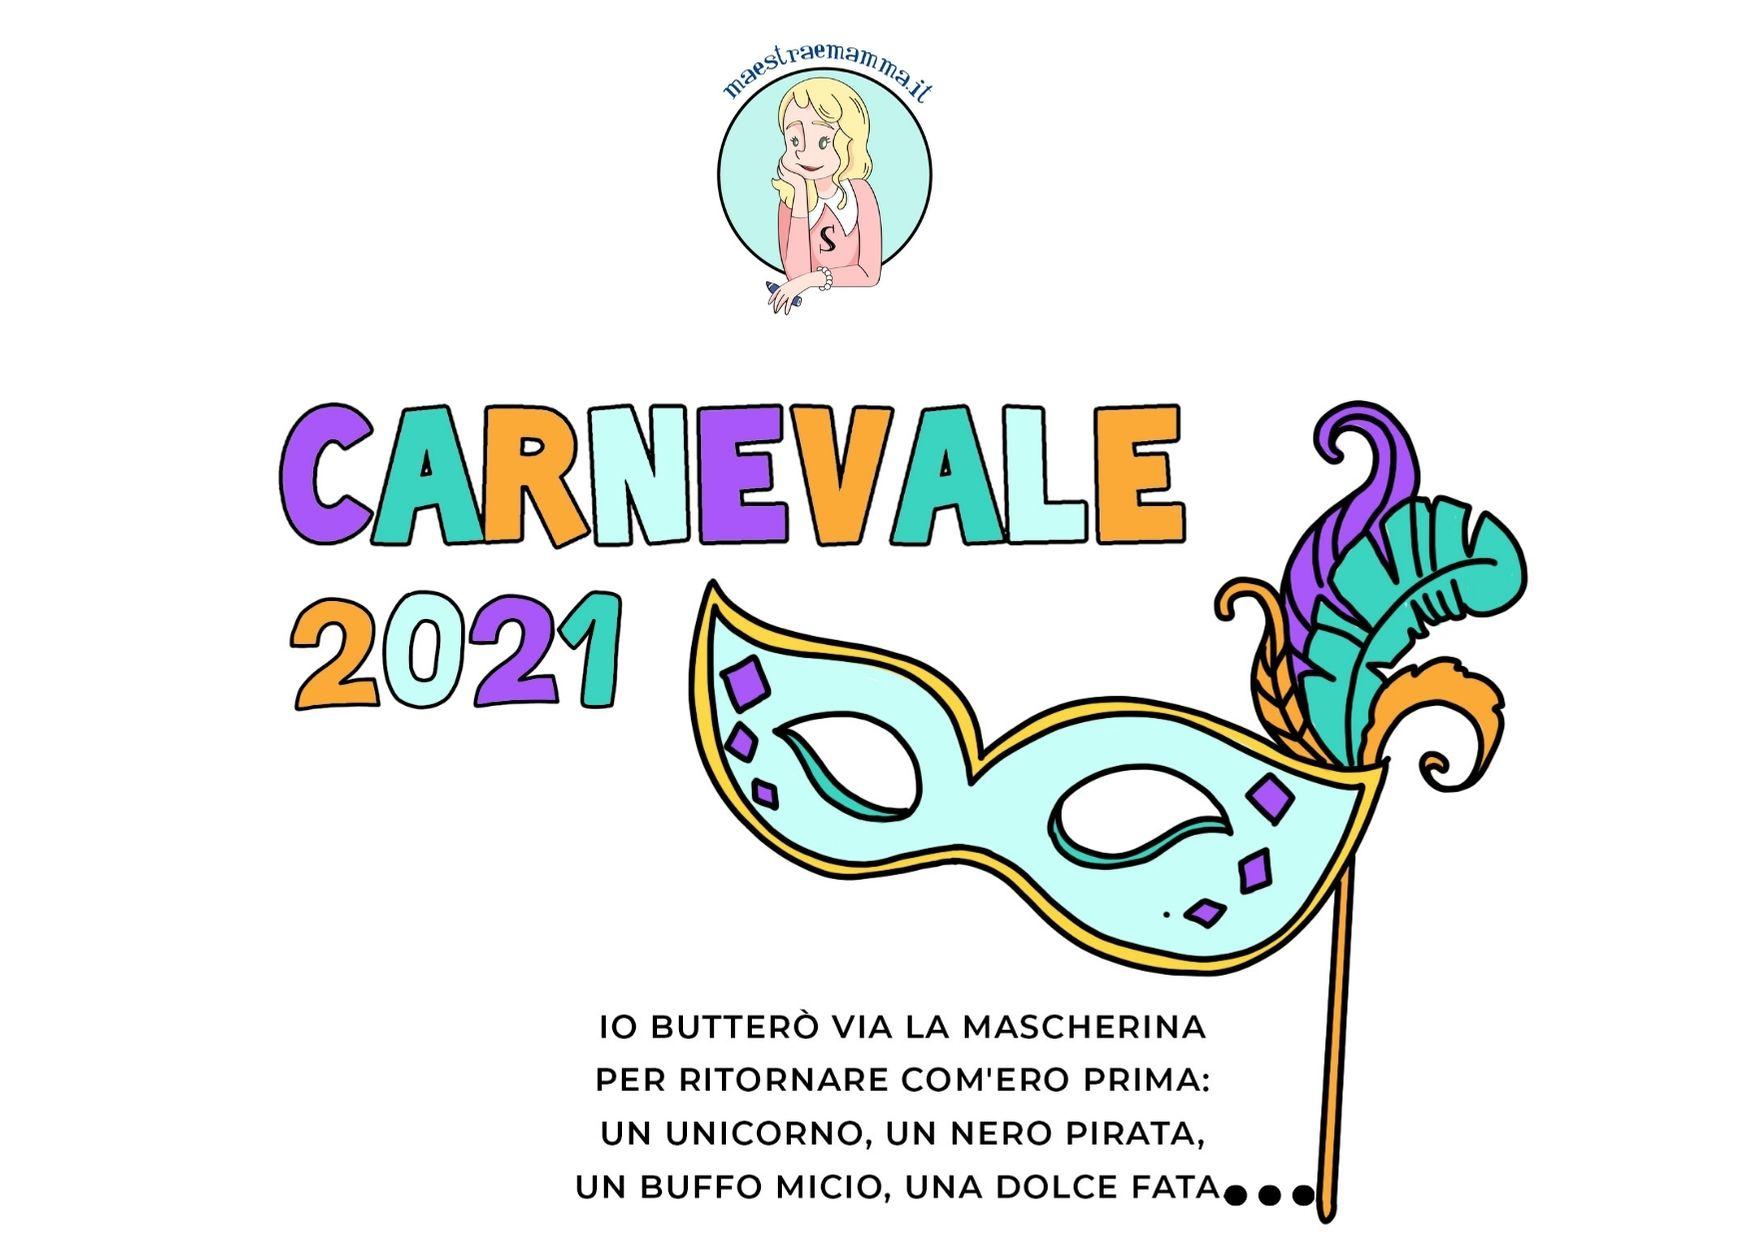 Poesia sul Carnevale 2021 di Michela Guidi